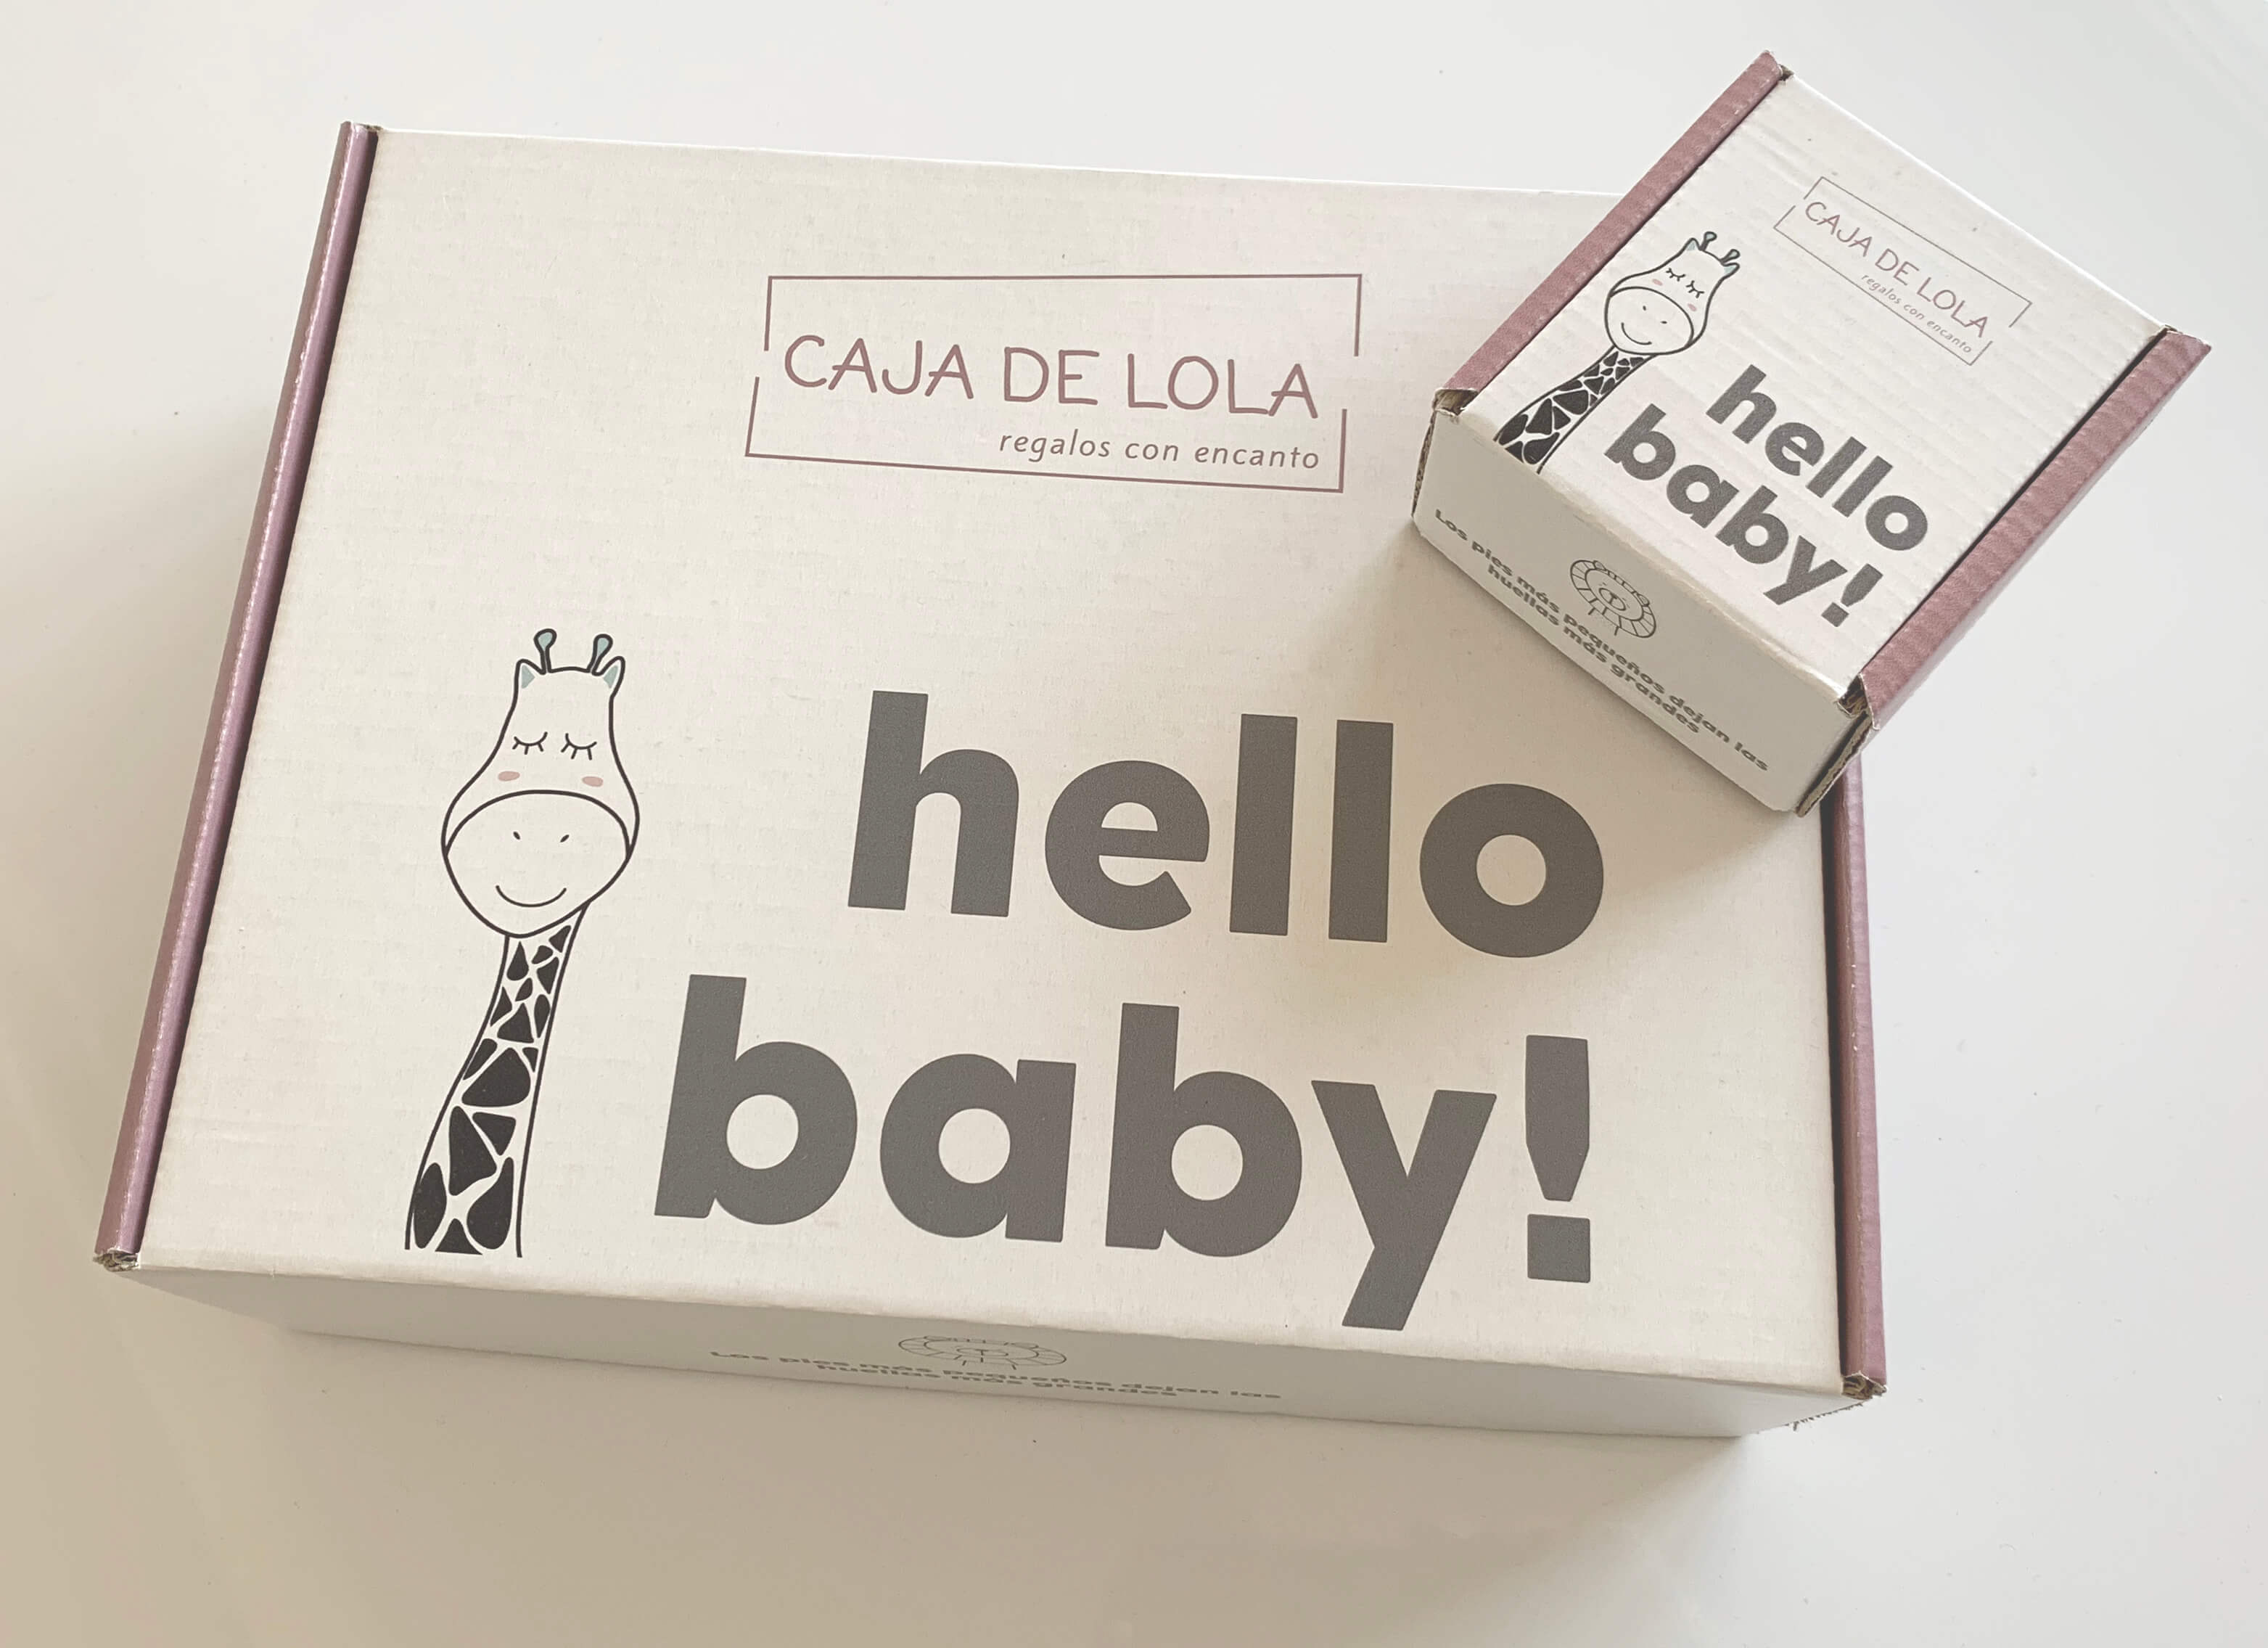 Cajas postales de la empresa Caja de Lola